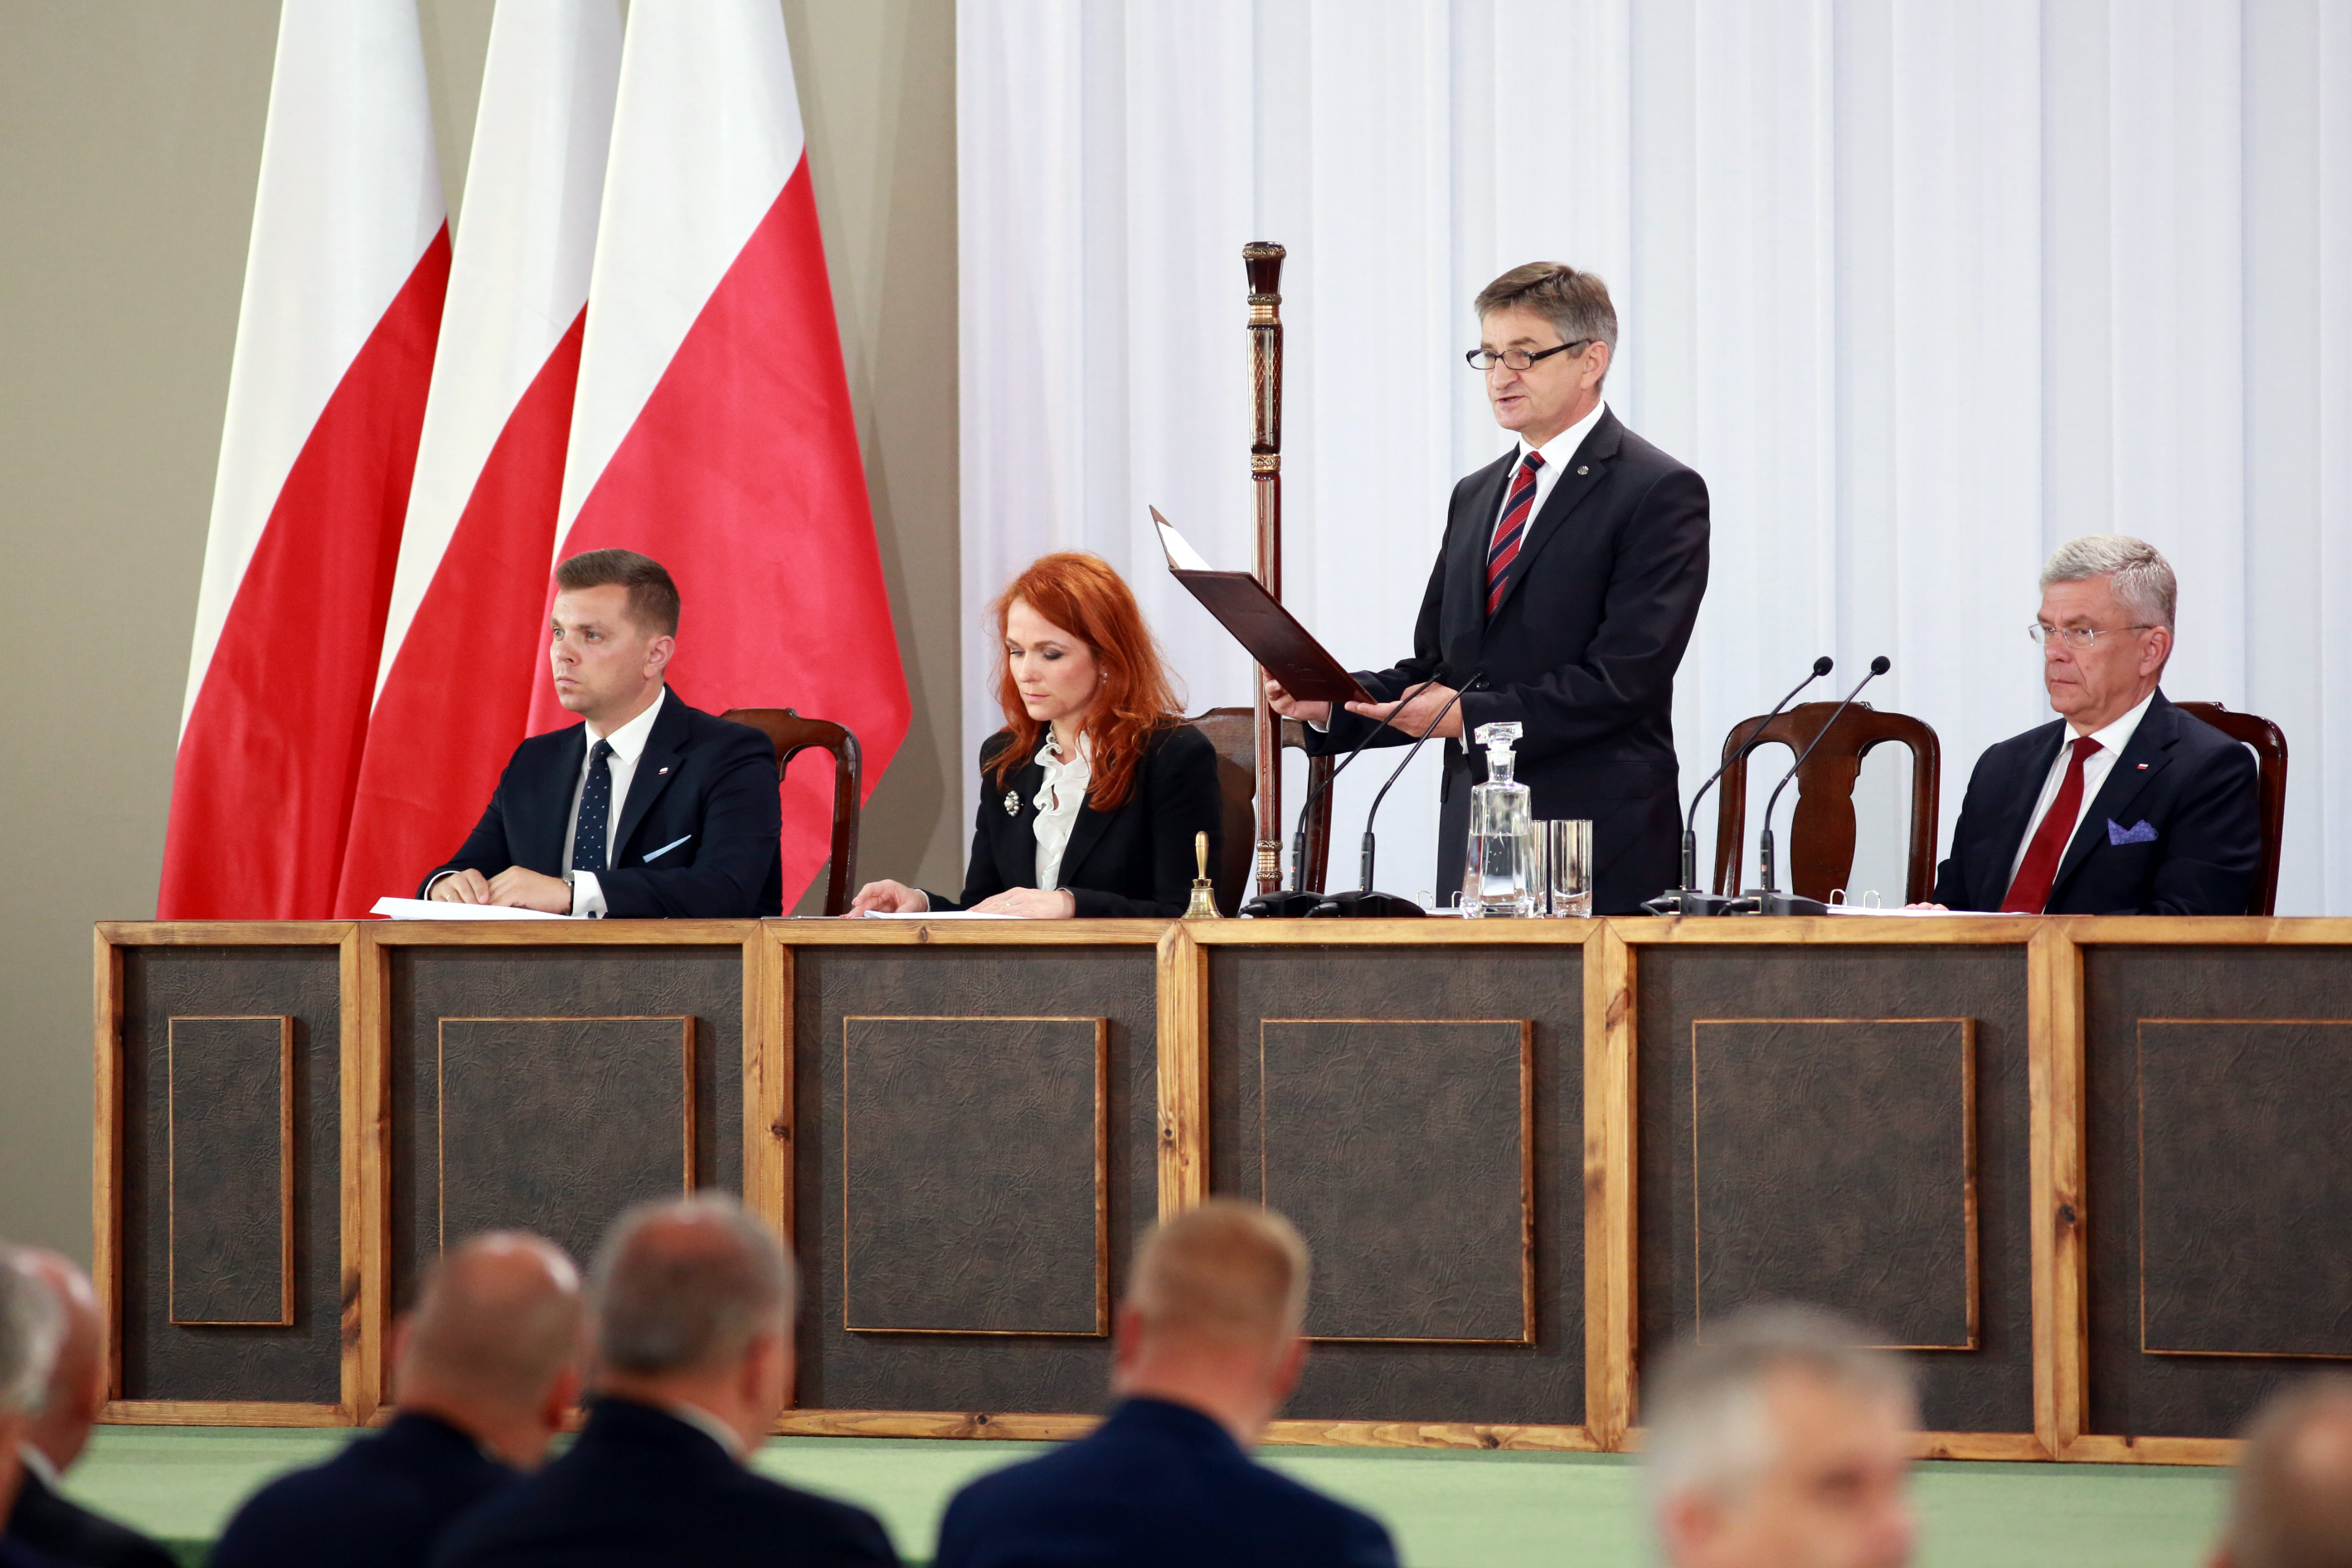 MArszałek Sejmu przemawiający w trakcie Zgromadzenia Narodowego